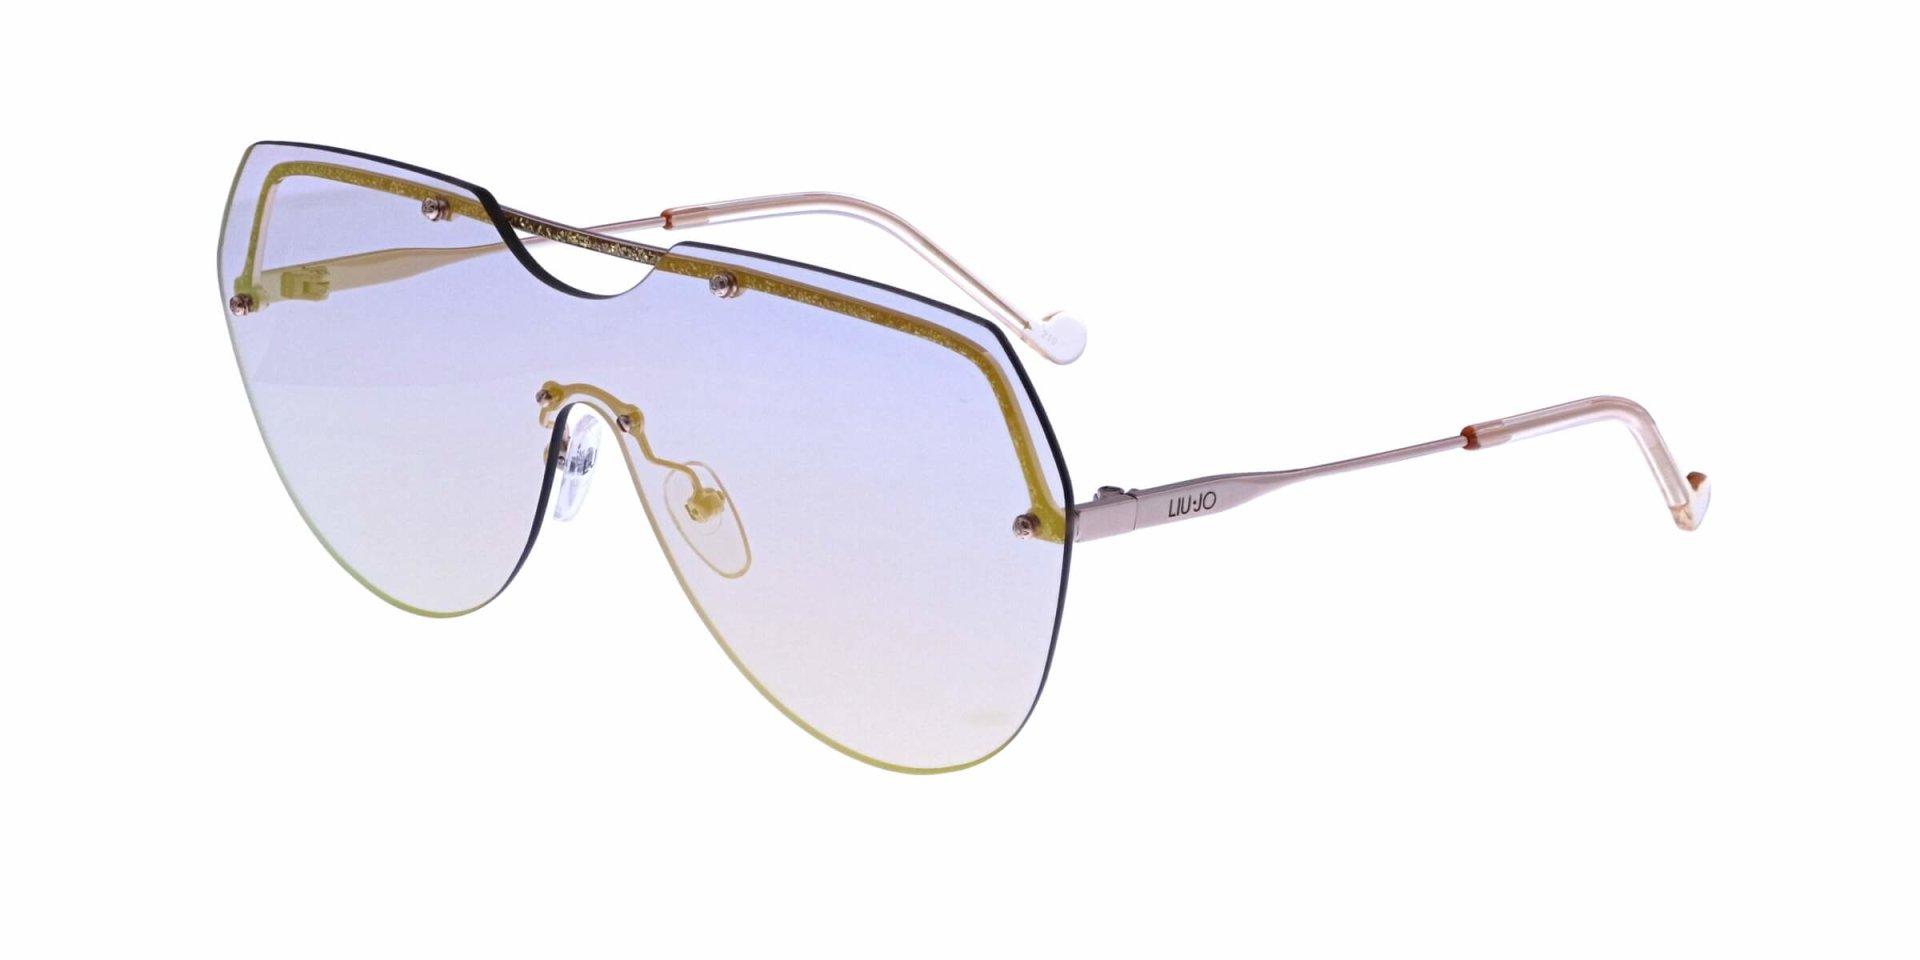 dos Tentación Persistencia  Sunglasses LIU JO | Opticlasa